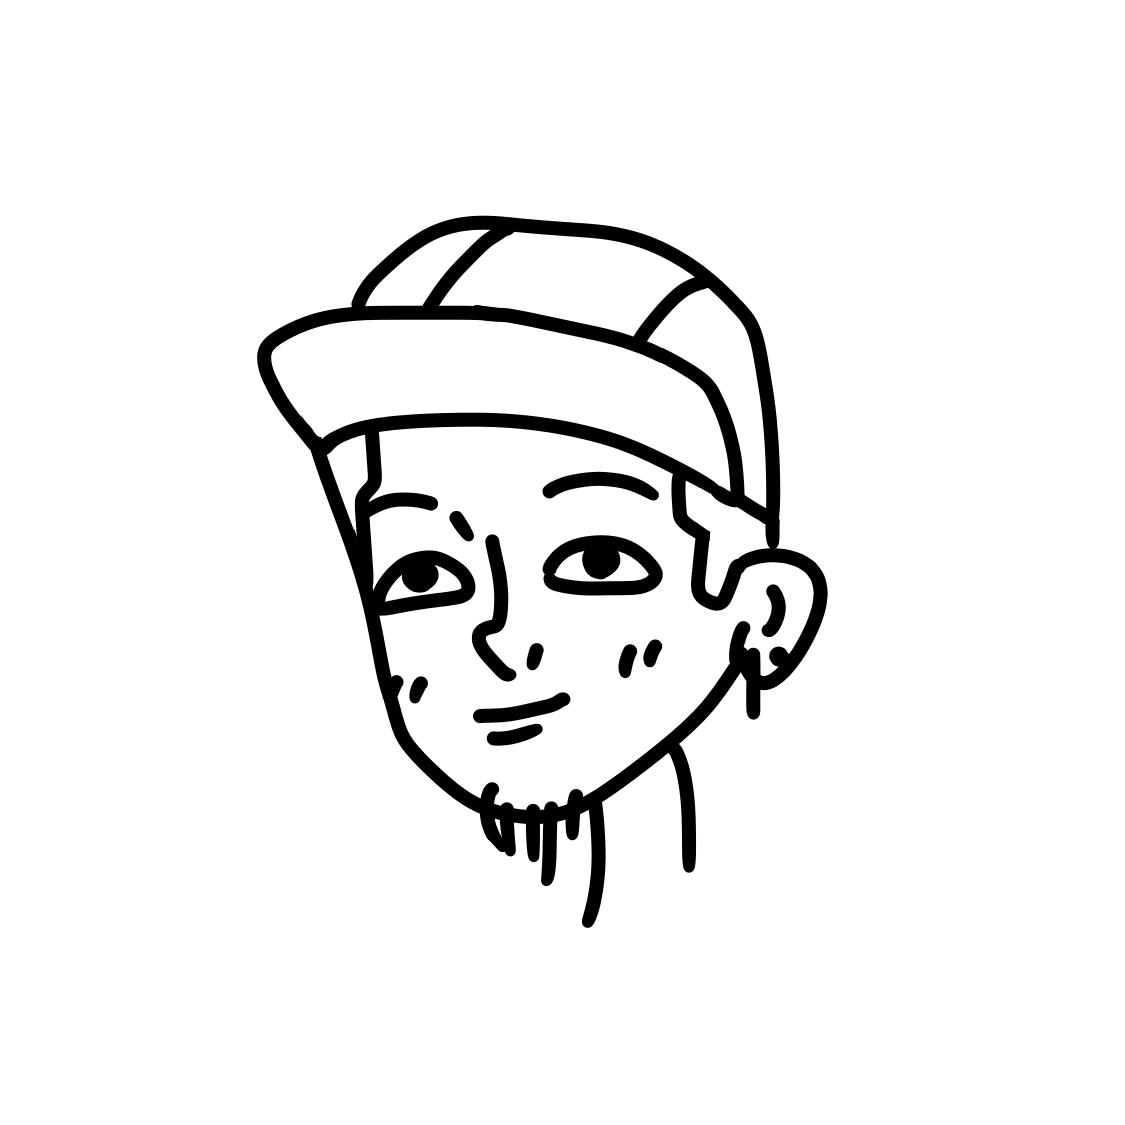 レトロポップな可愛い似顔絵描きます アイコン、Tシャツデザインなどに使ってください!